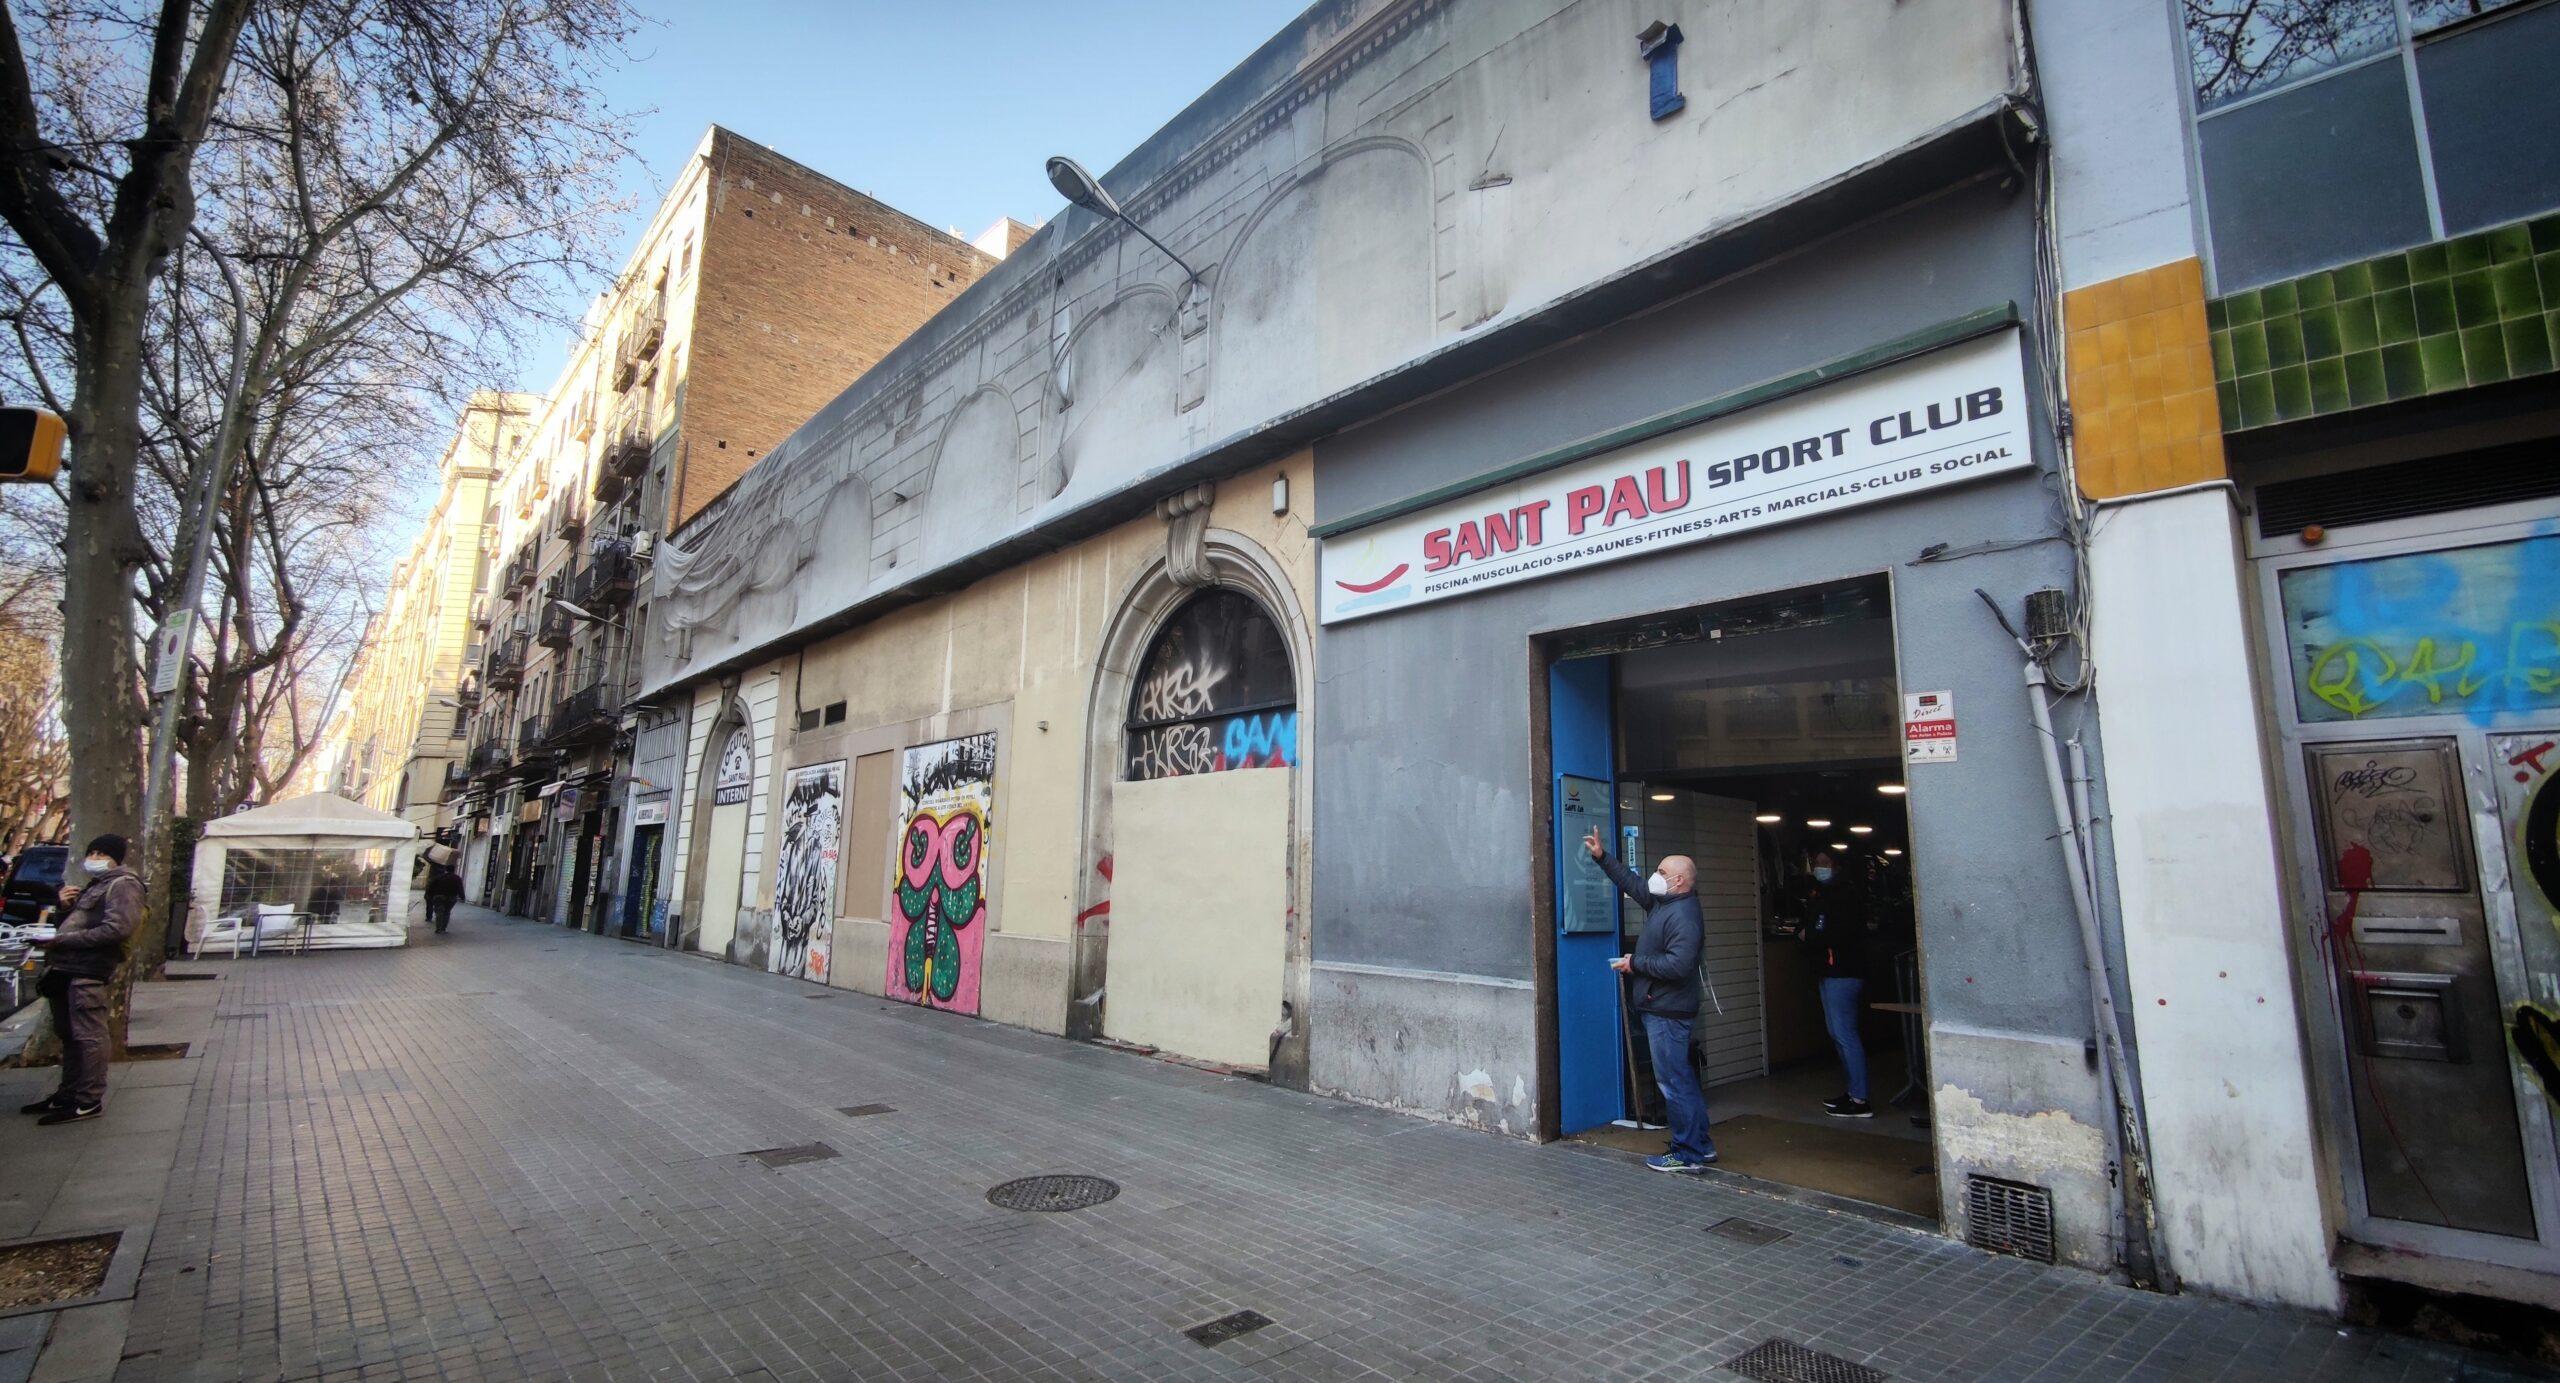 La porta del gimnàs Sant Pau, al costat d'on han ruixat amb benzina una persona sense llar / D.C.